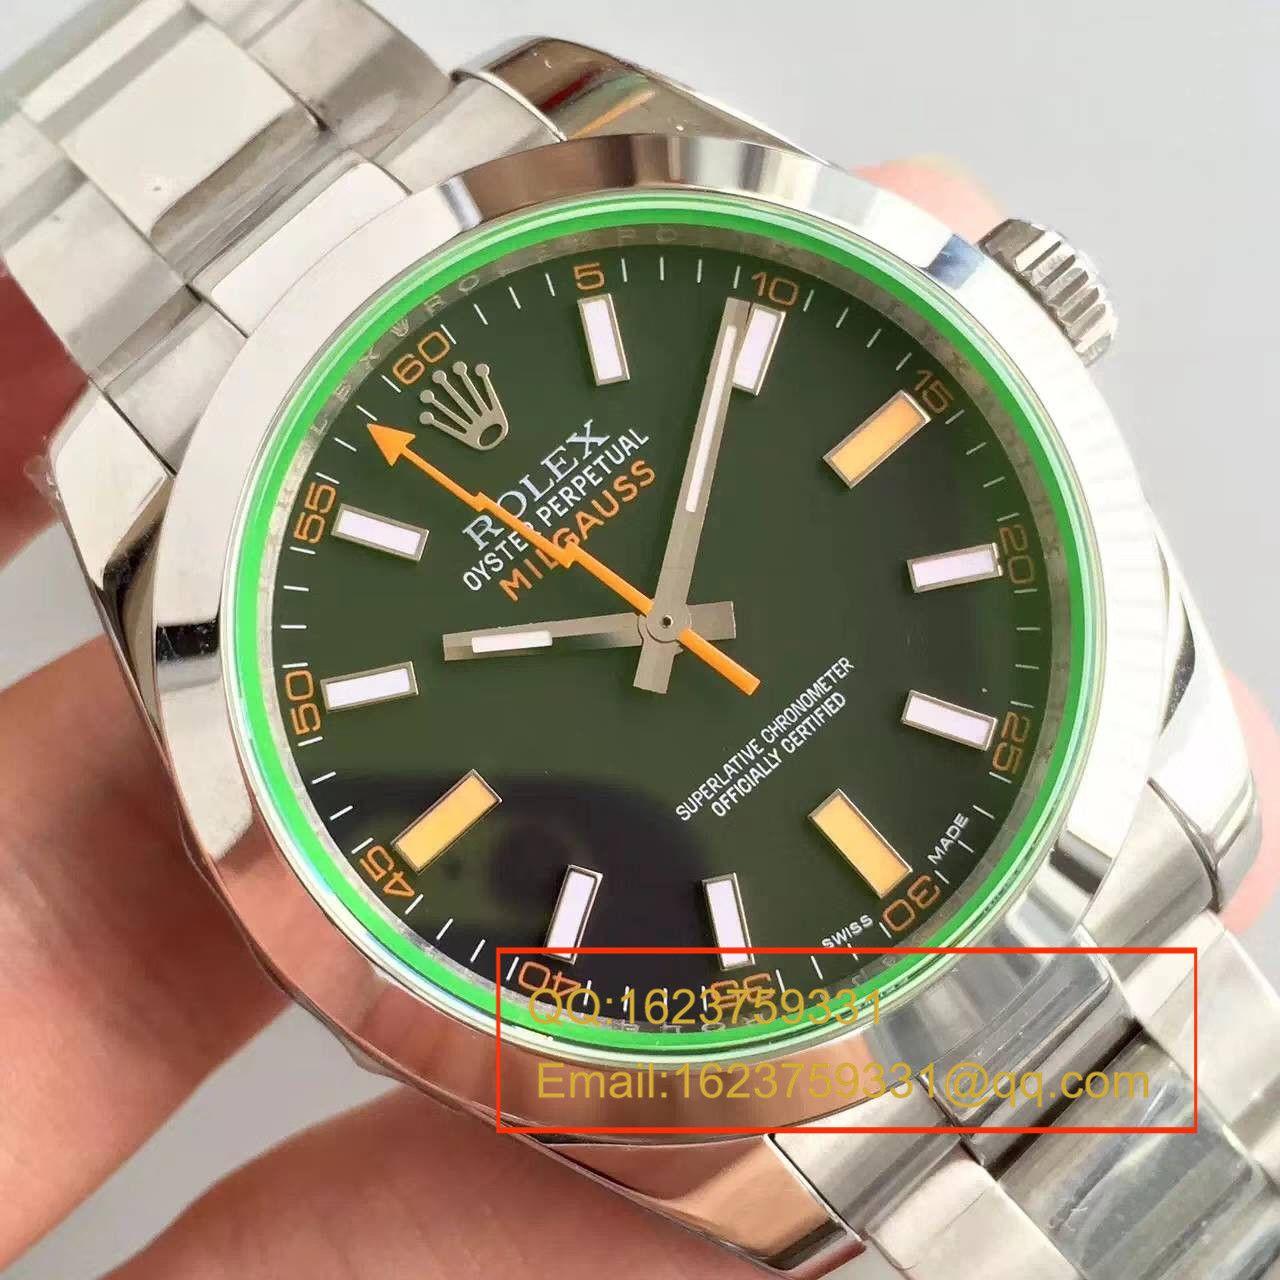 【JF厂1:1高仿手表】劳力士MILGAUSS系列116400-GV-72400黑盘腕表《黑色闪电》 / R002